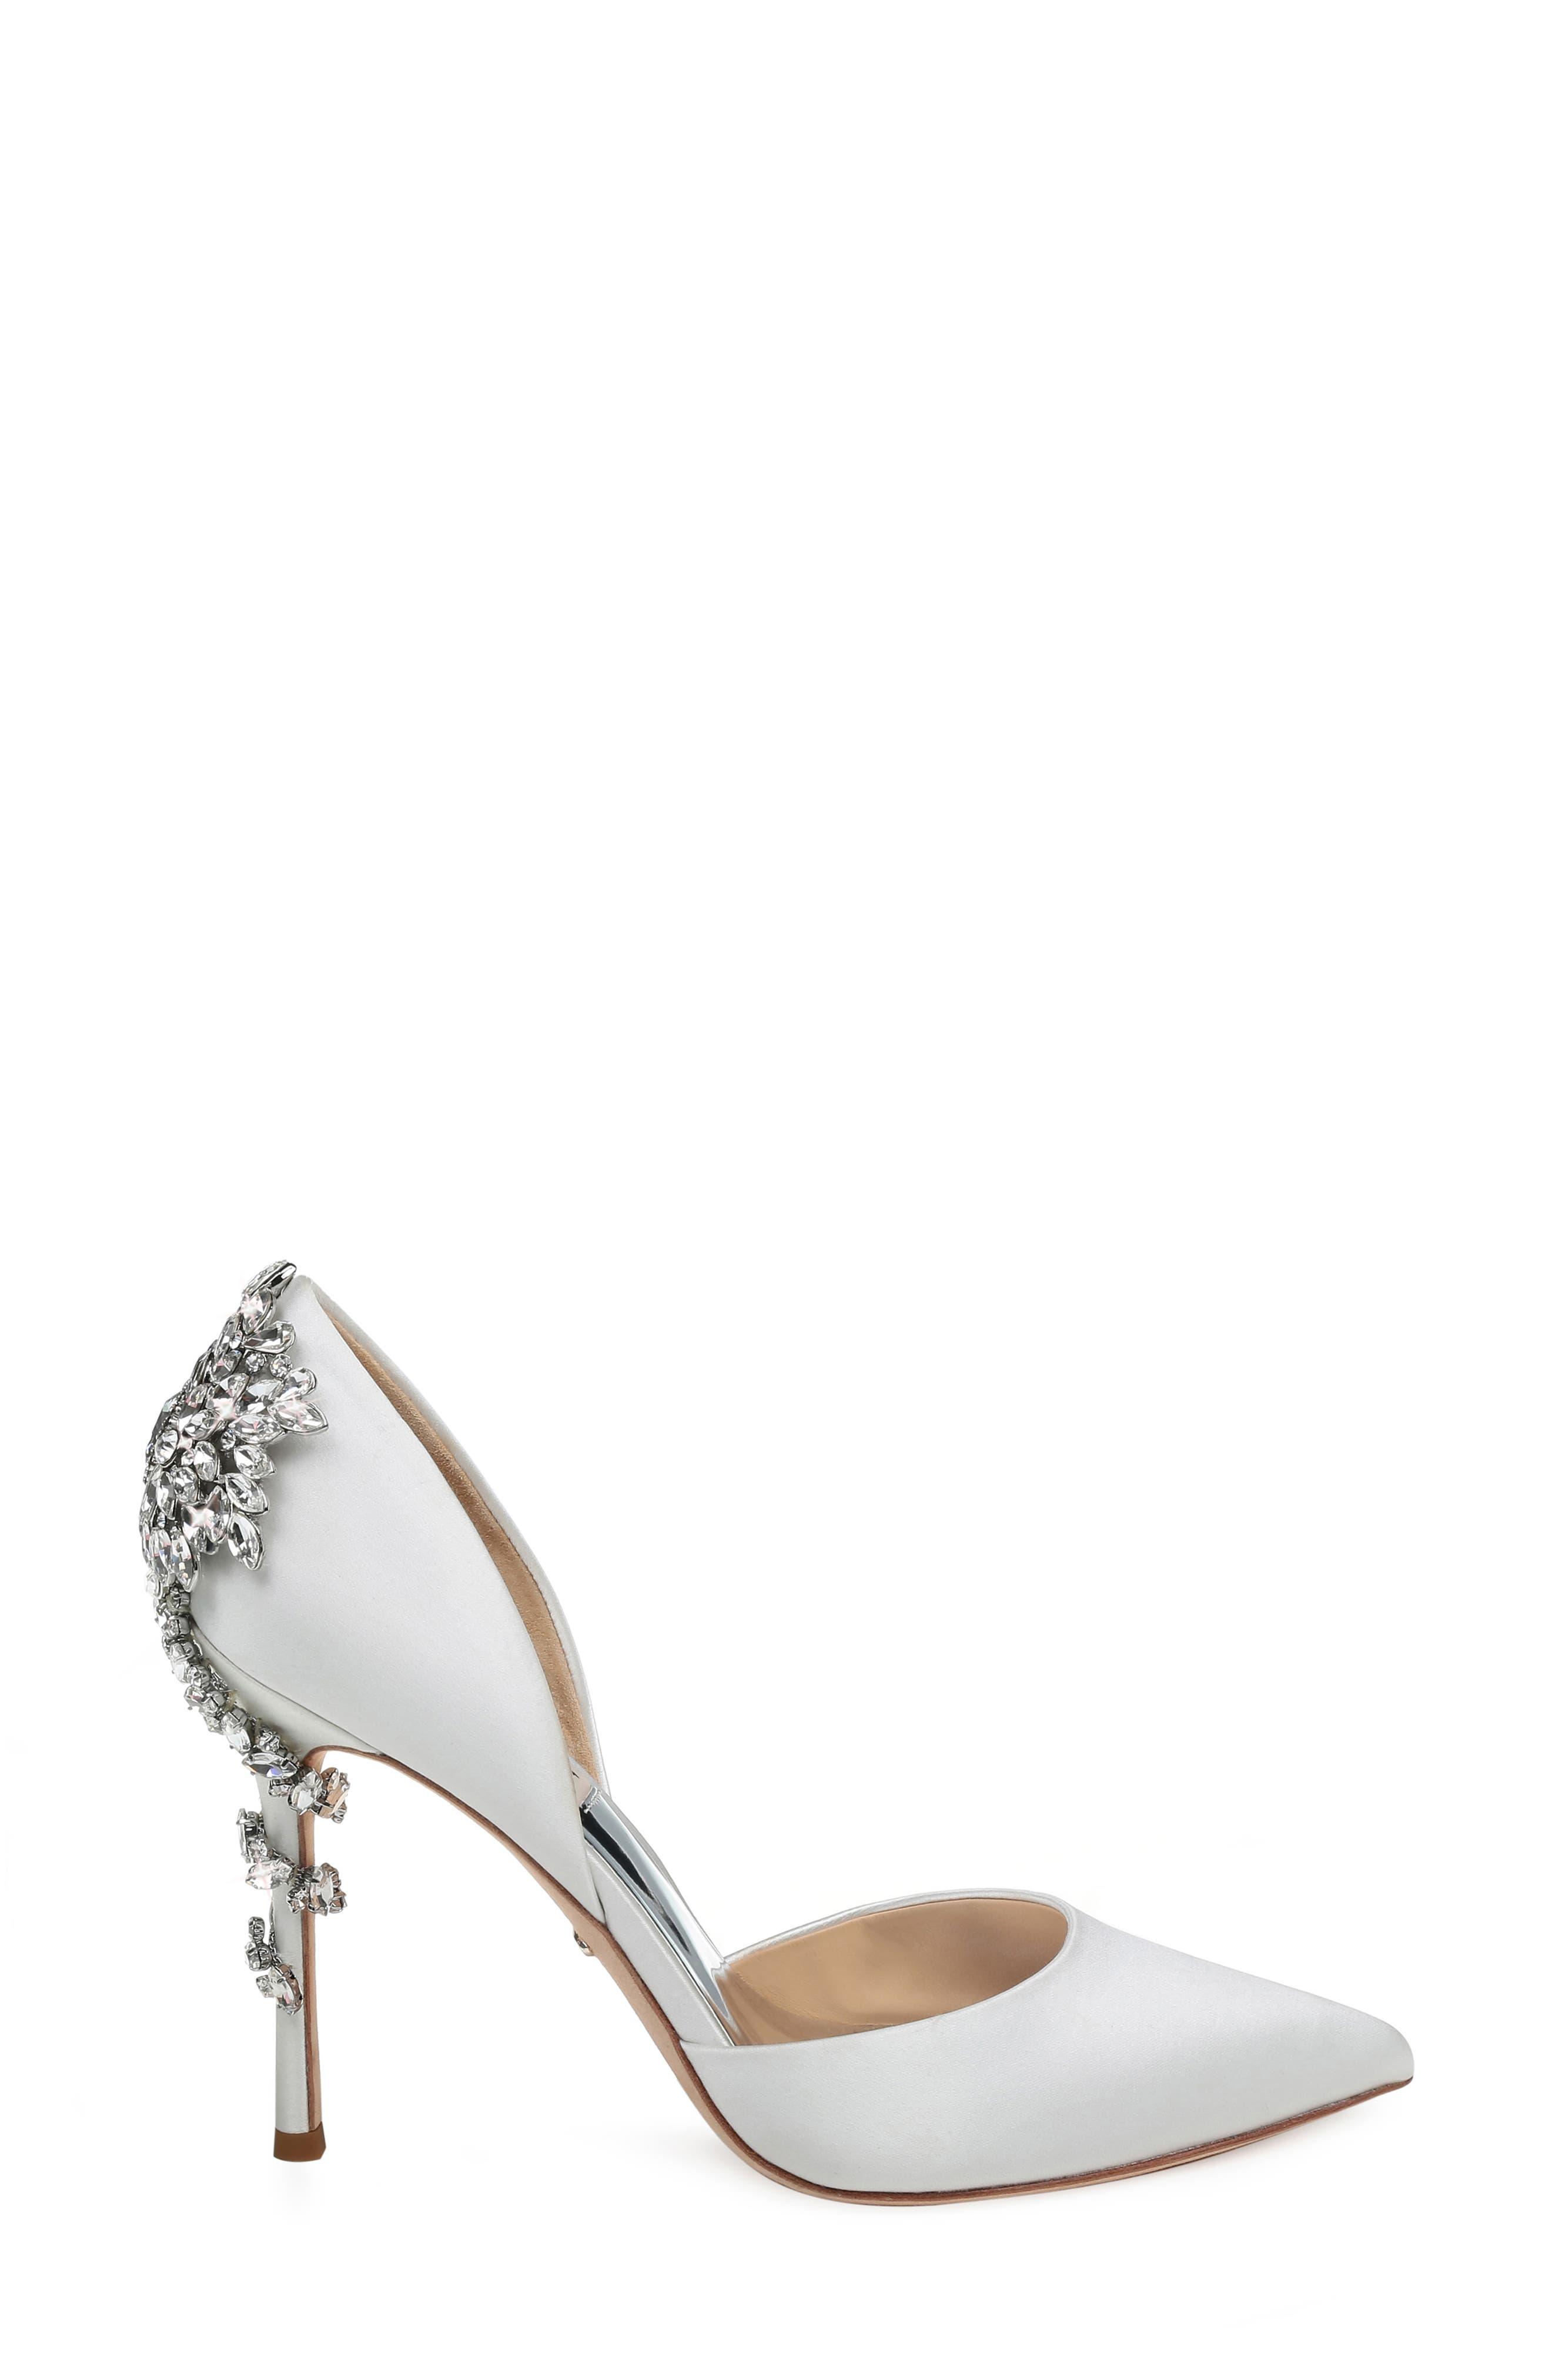 Vogue Crystal Embellished d'Orsay Pump,                             Alternate thumbnail 3, color,                             SOFT WHITE SATIN